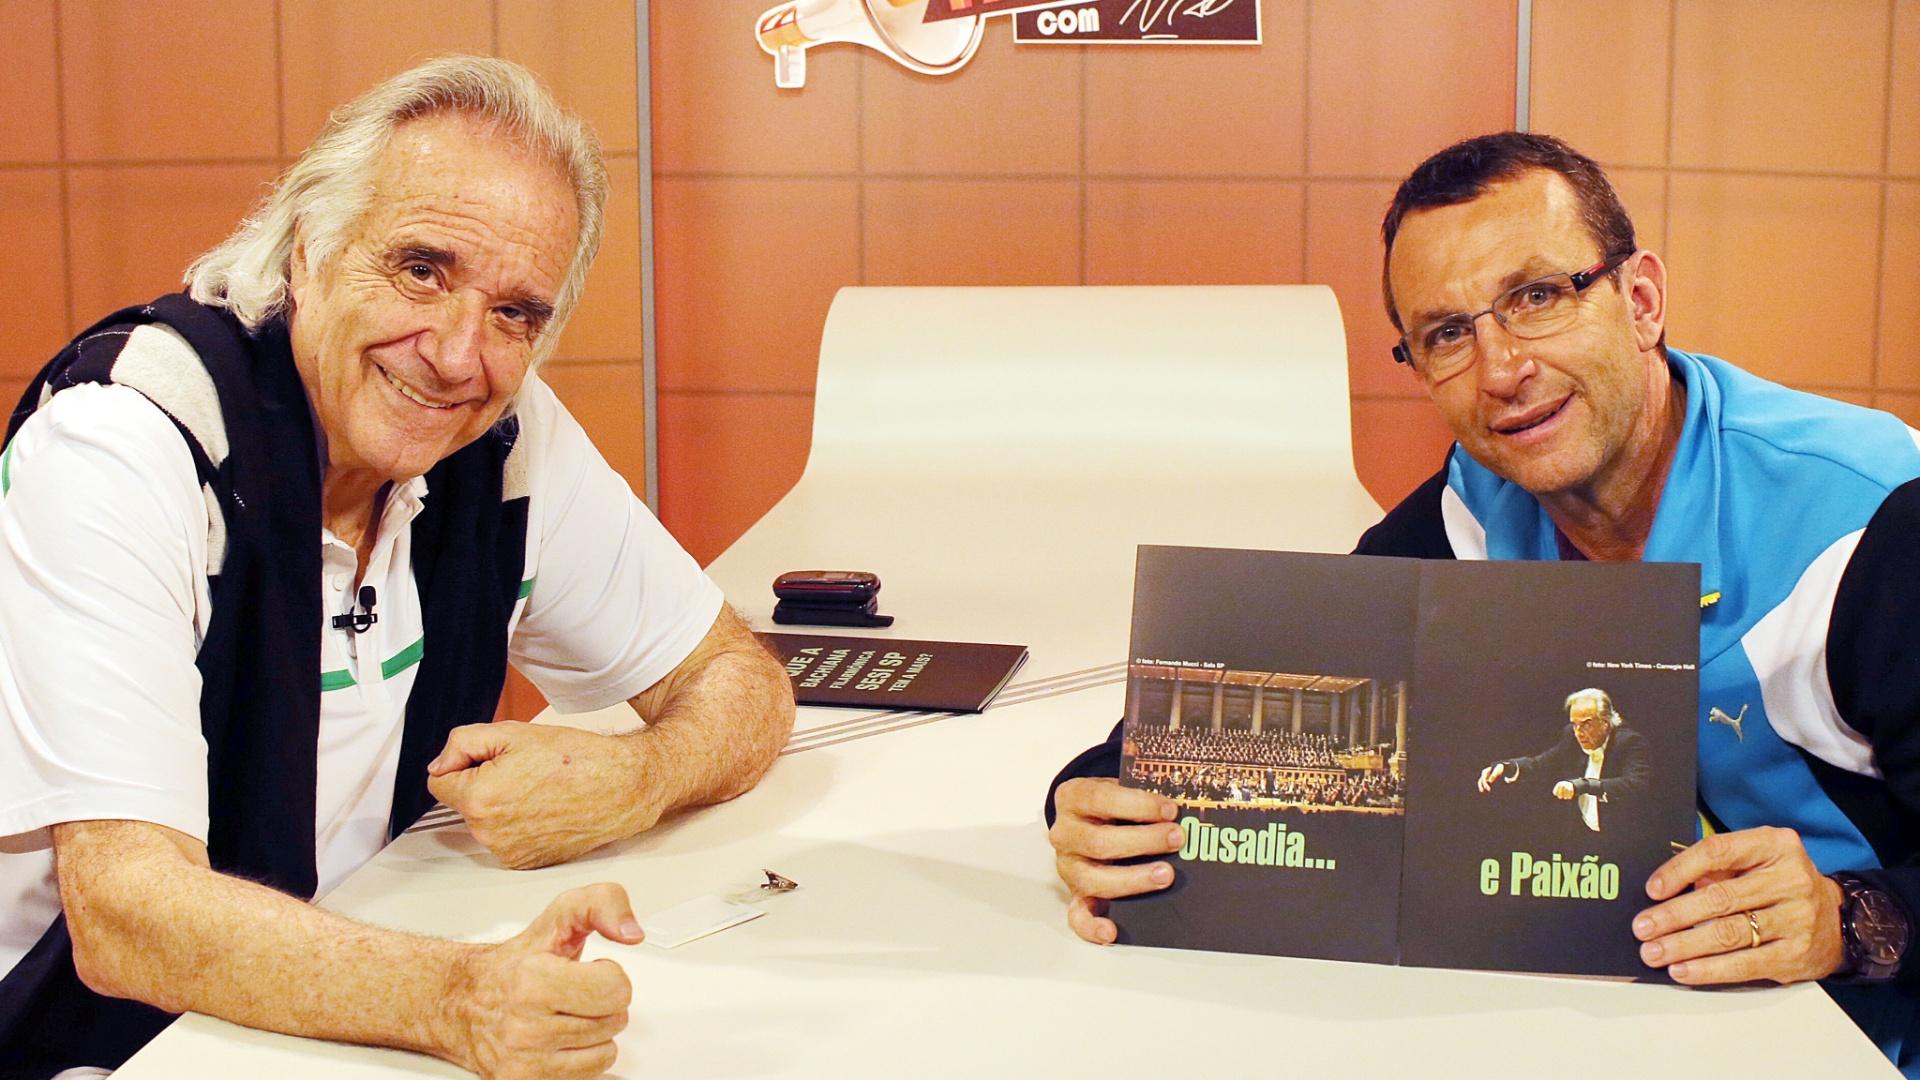 Música, boxe e Portuguesa foram os principais temas da conversa de João Carlos Martins com Neto